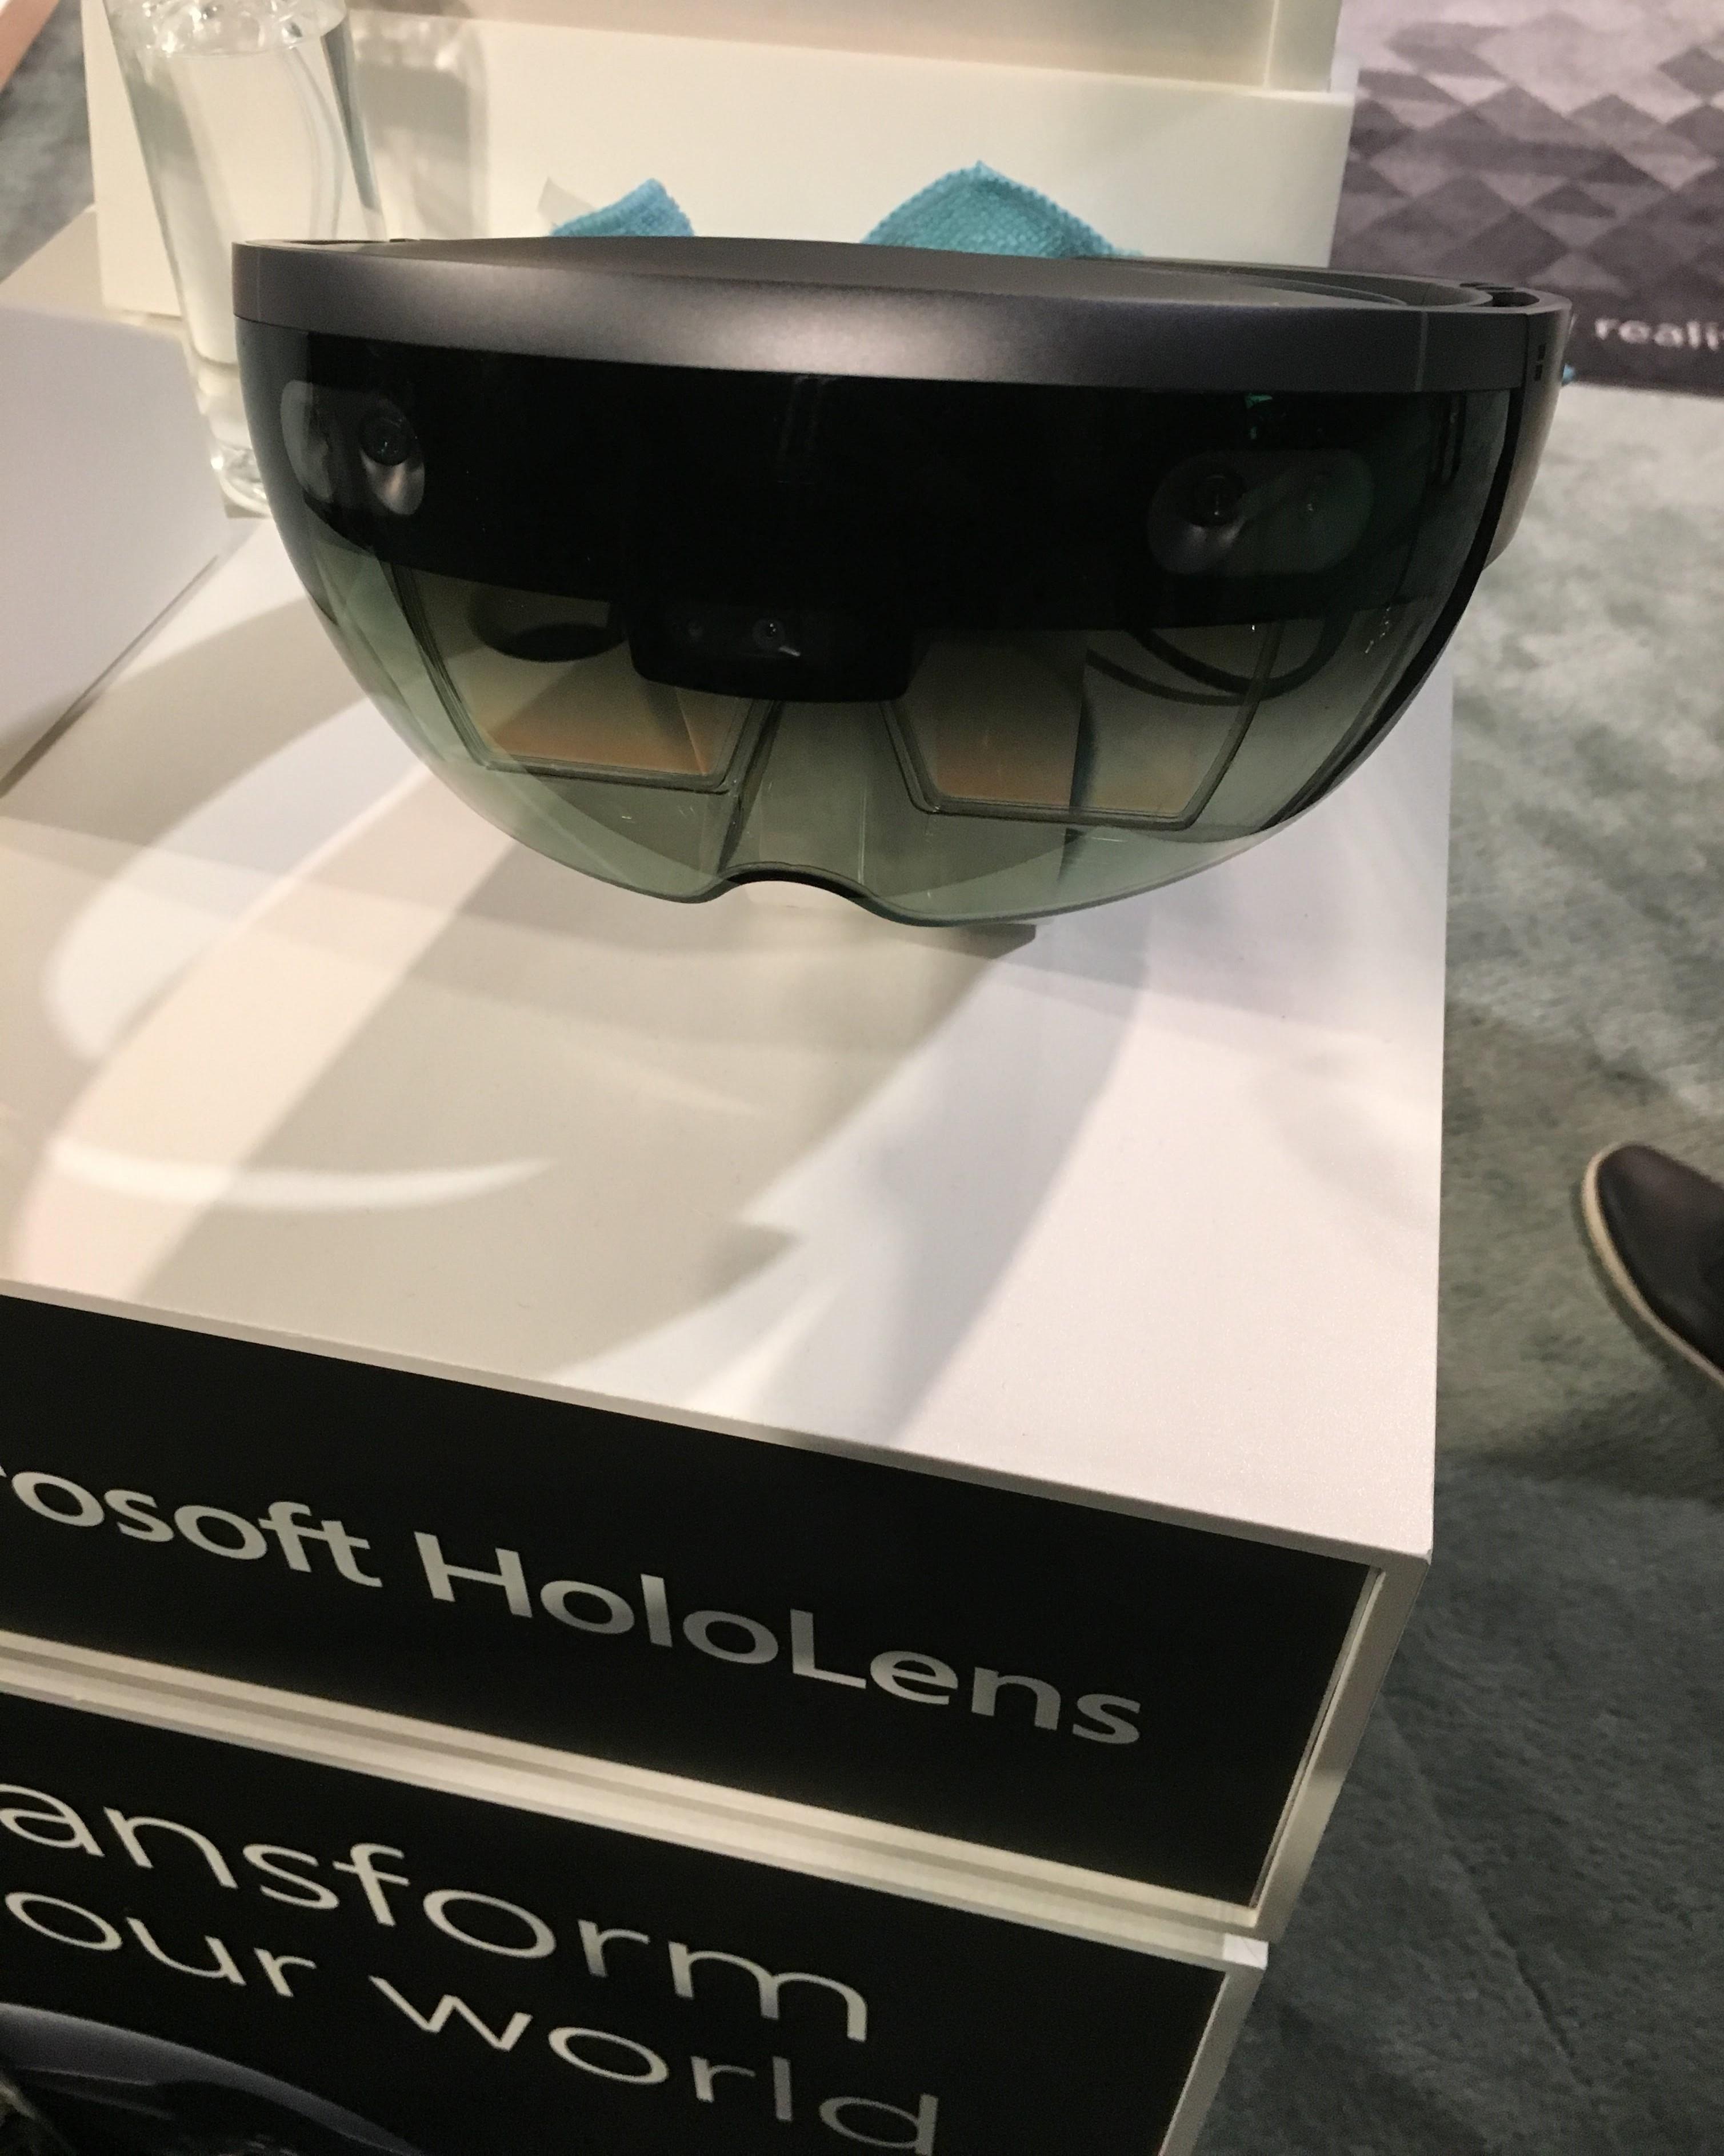 HoloLens at Microsoft Build 2018